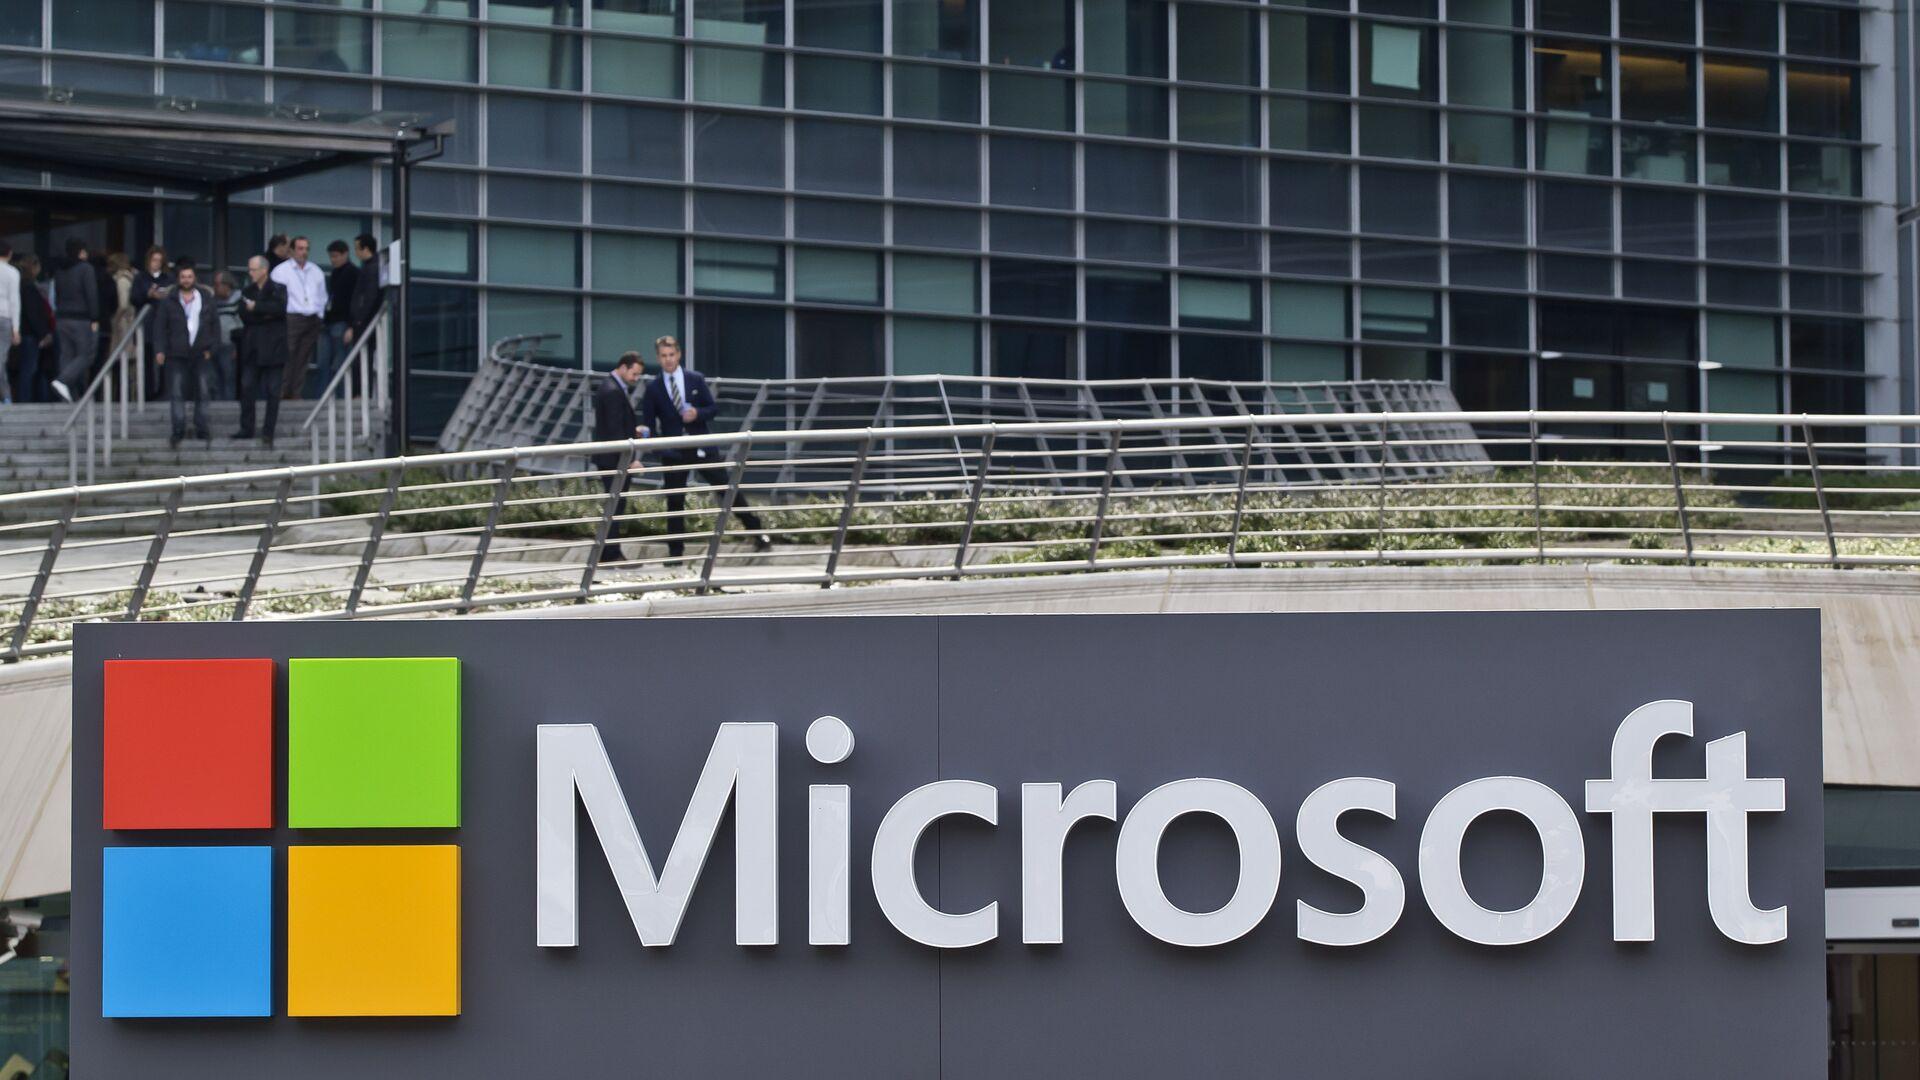 Офис компании Microsoft под Парижем, Франция - РИА Новости, 1920, 23.10.2020